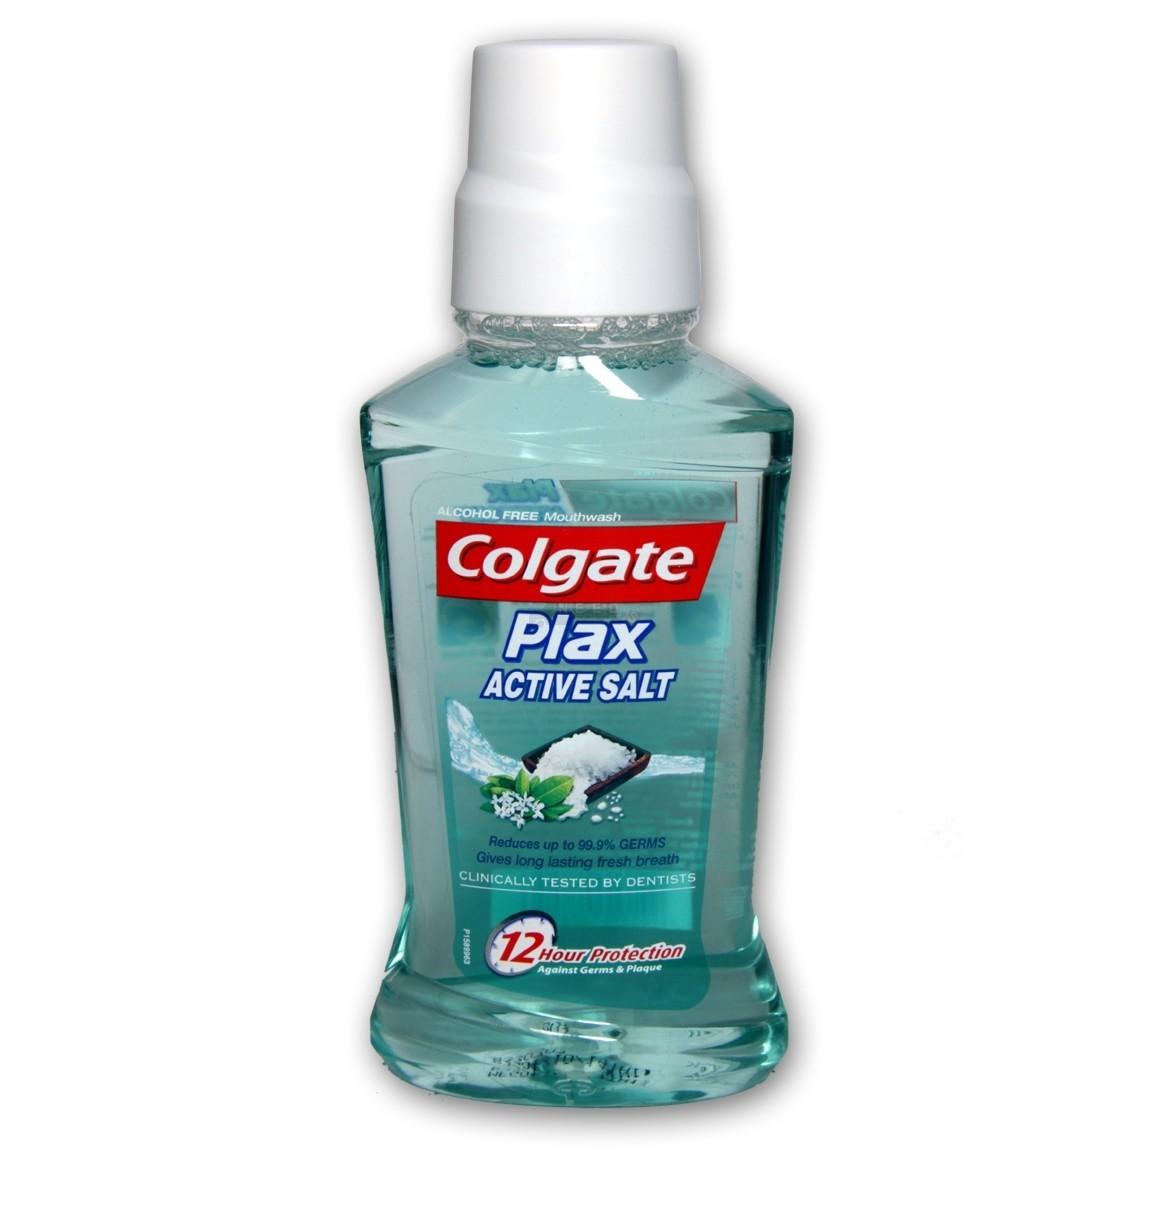 Buy Colgate Plax Active Salt Mouthwash Online MY